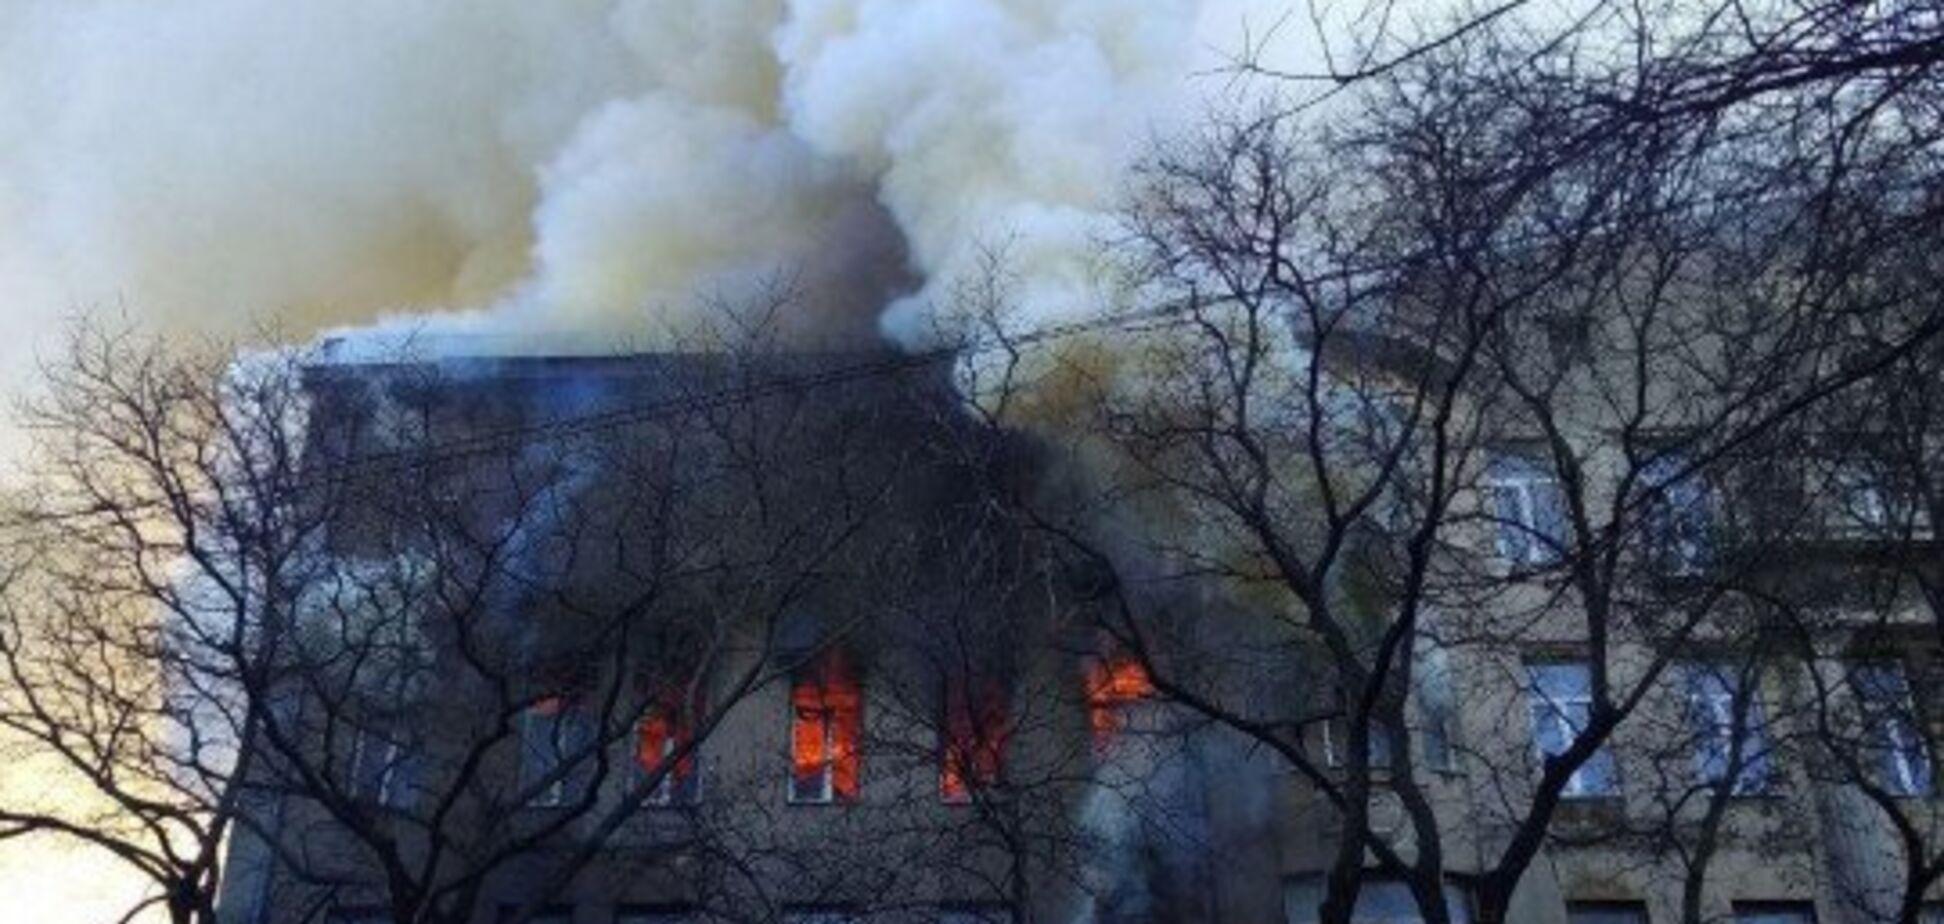 Рятувала дітей: другою жертвою страшної пожежі в Одесі виявилася викладачка. Фото